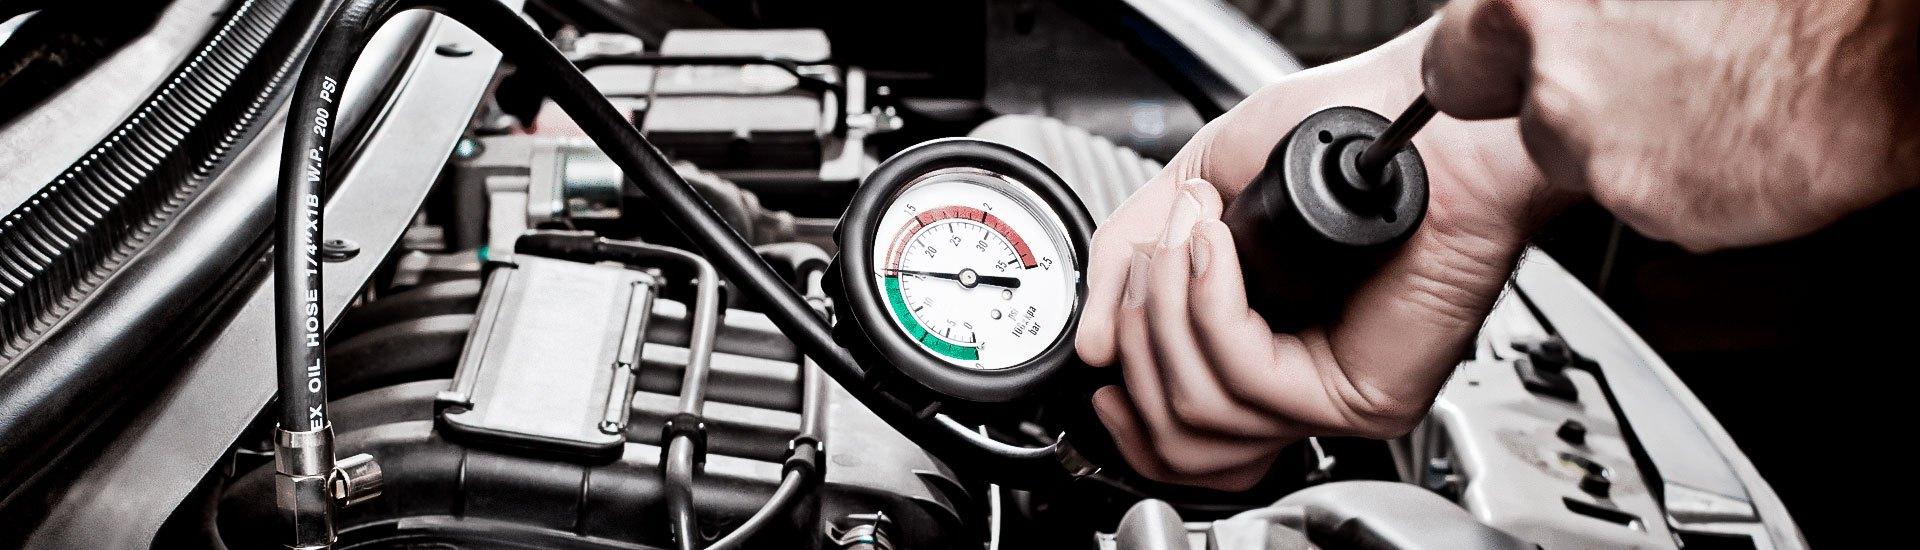 Cooling System Repair Tools